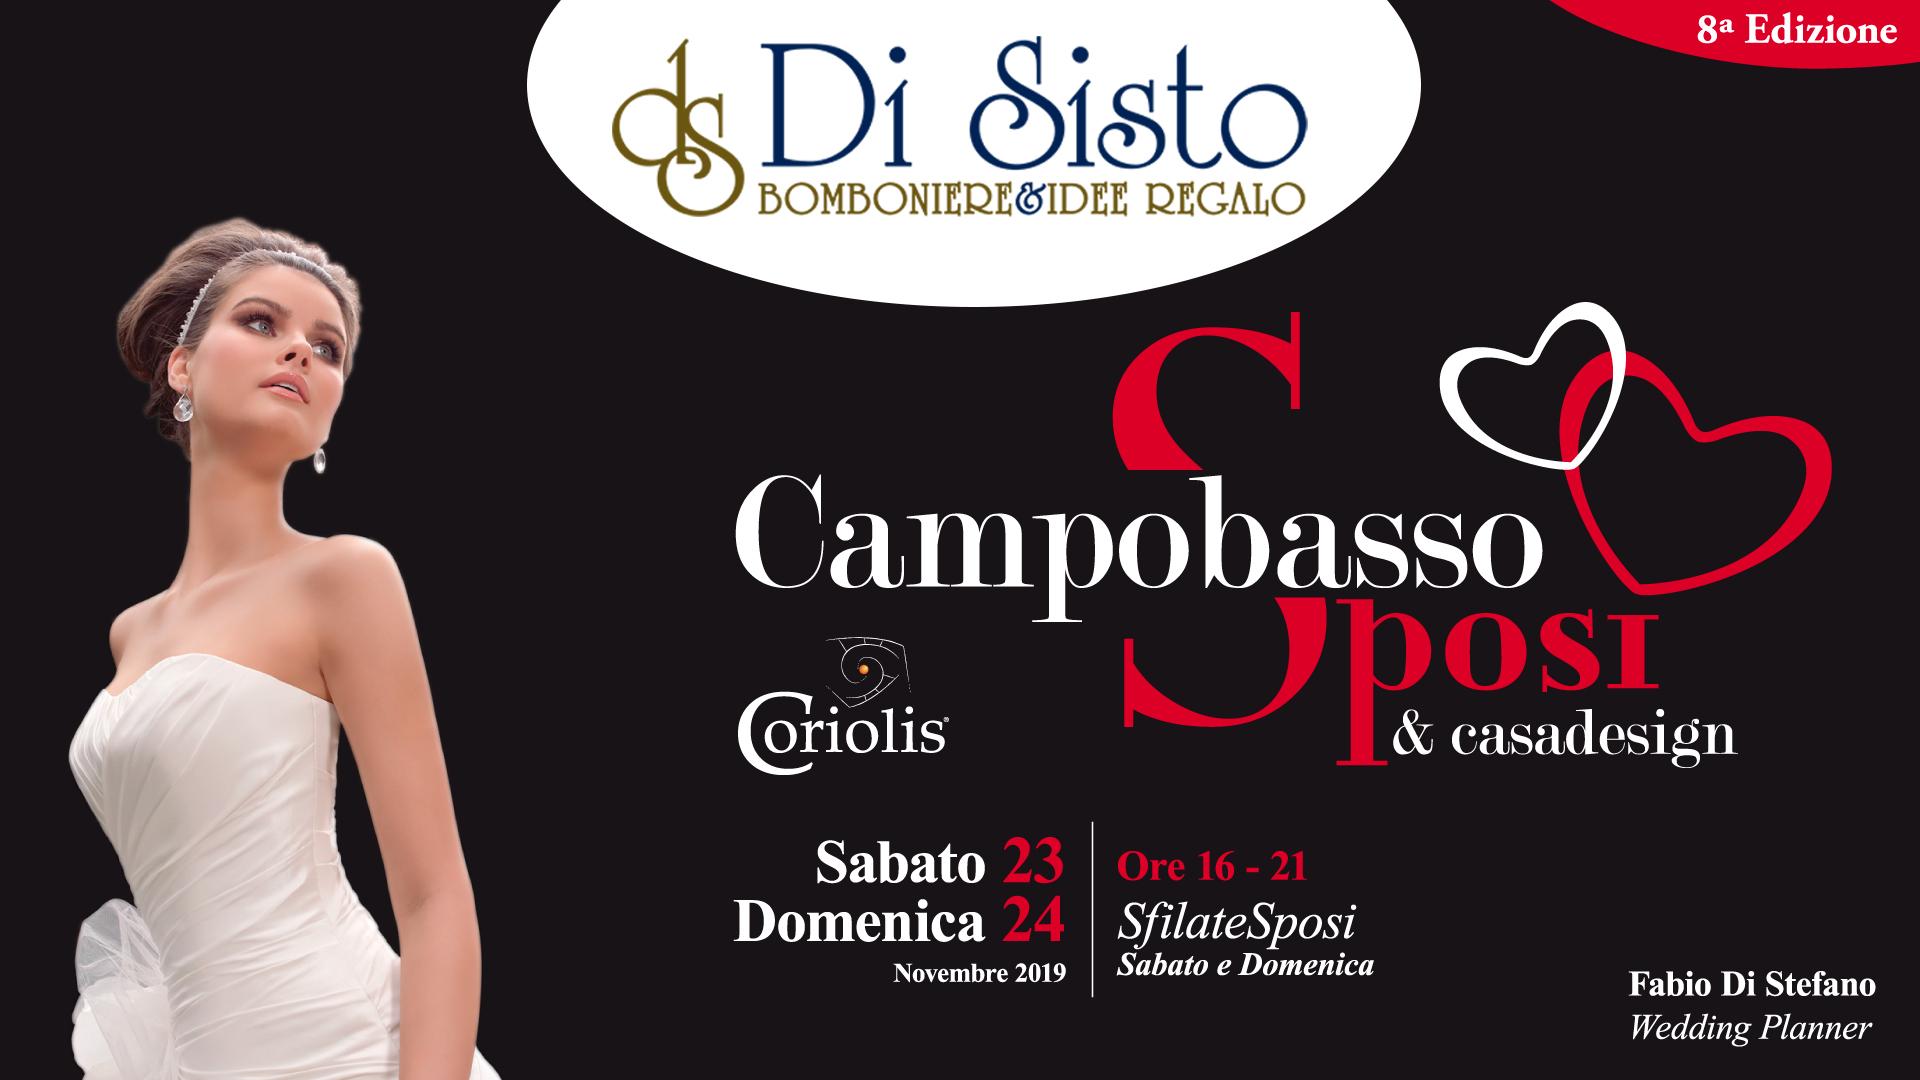 Campobasso Sposi e Casadesign